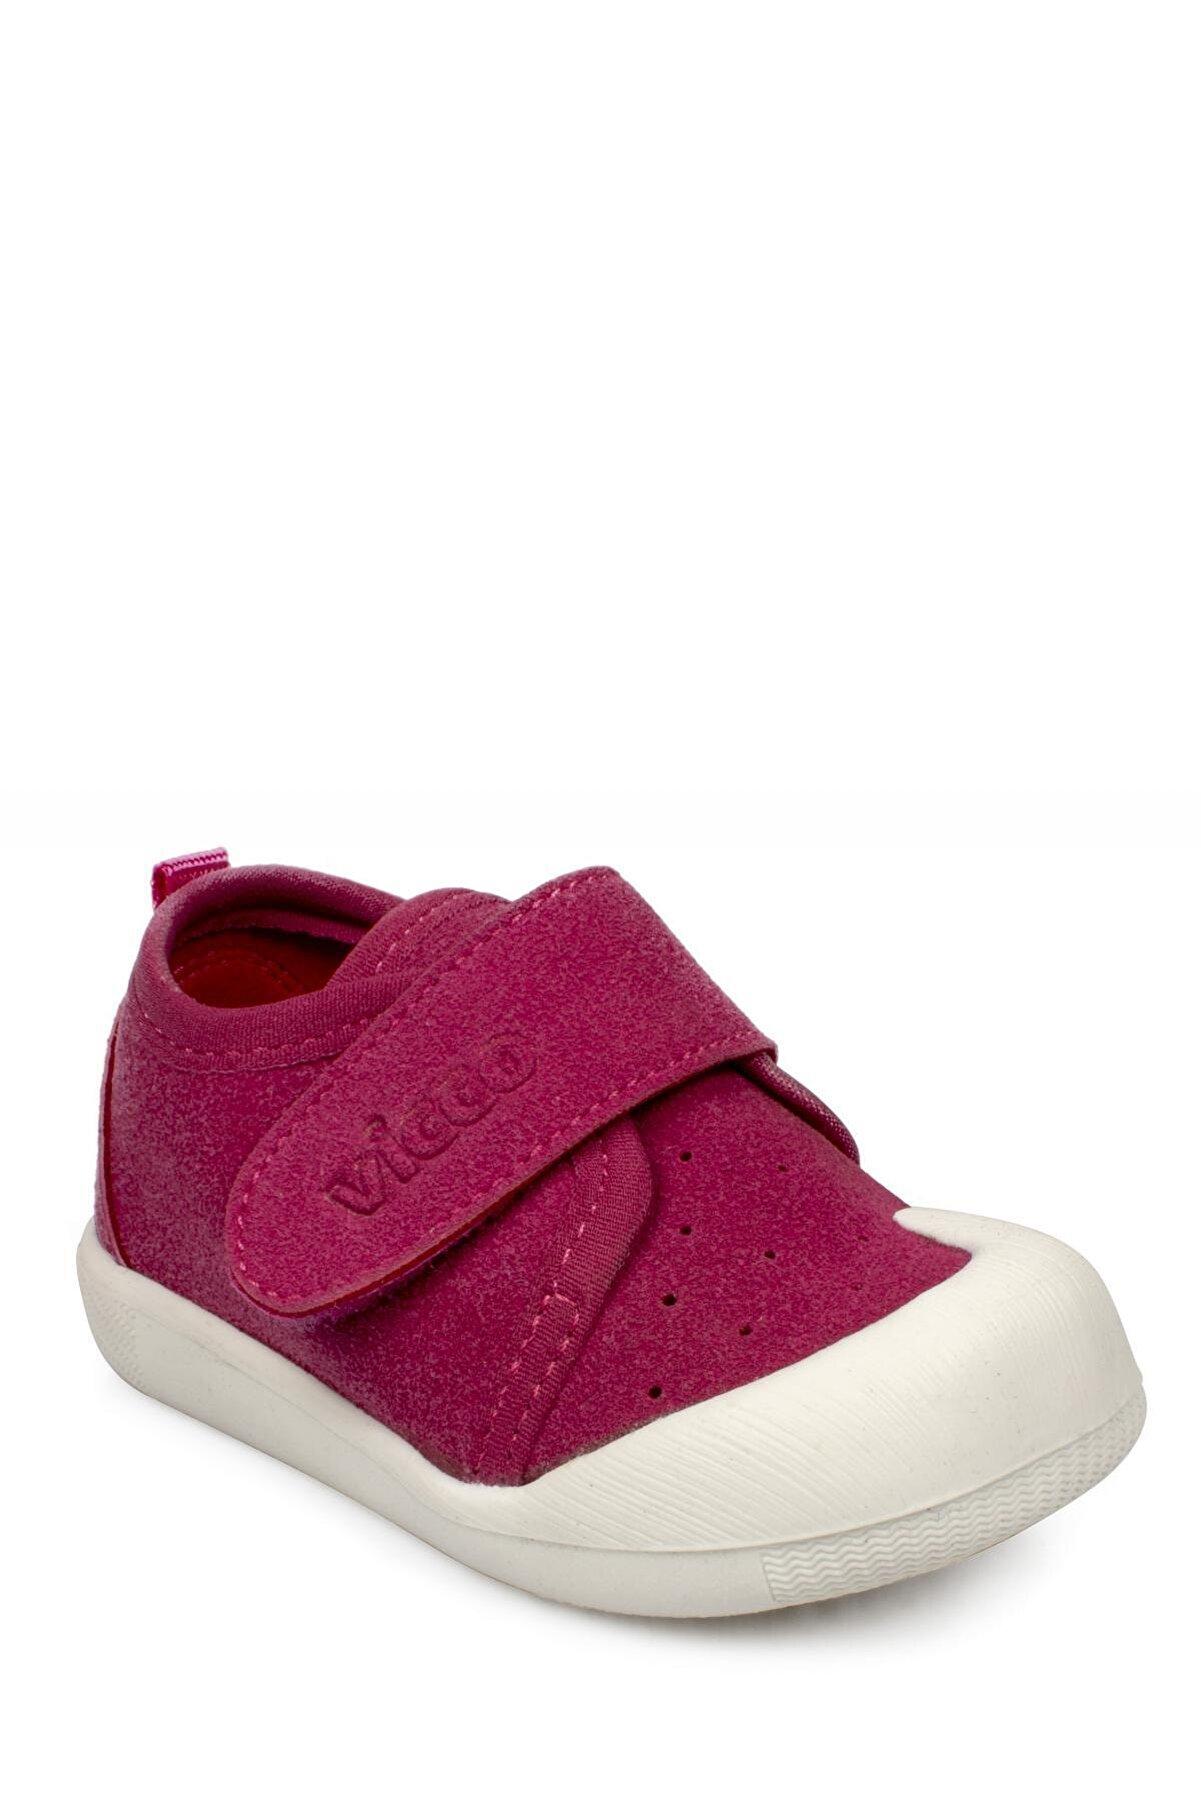 Vicco 950.e19k.224 Ilk Adım Kız Erkek Çocuk Ayakkabı - Fuşya - 21